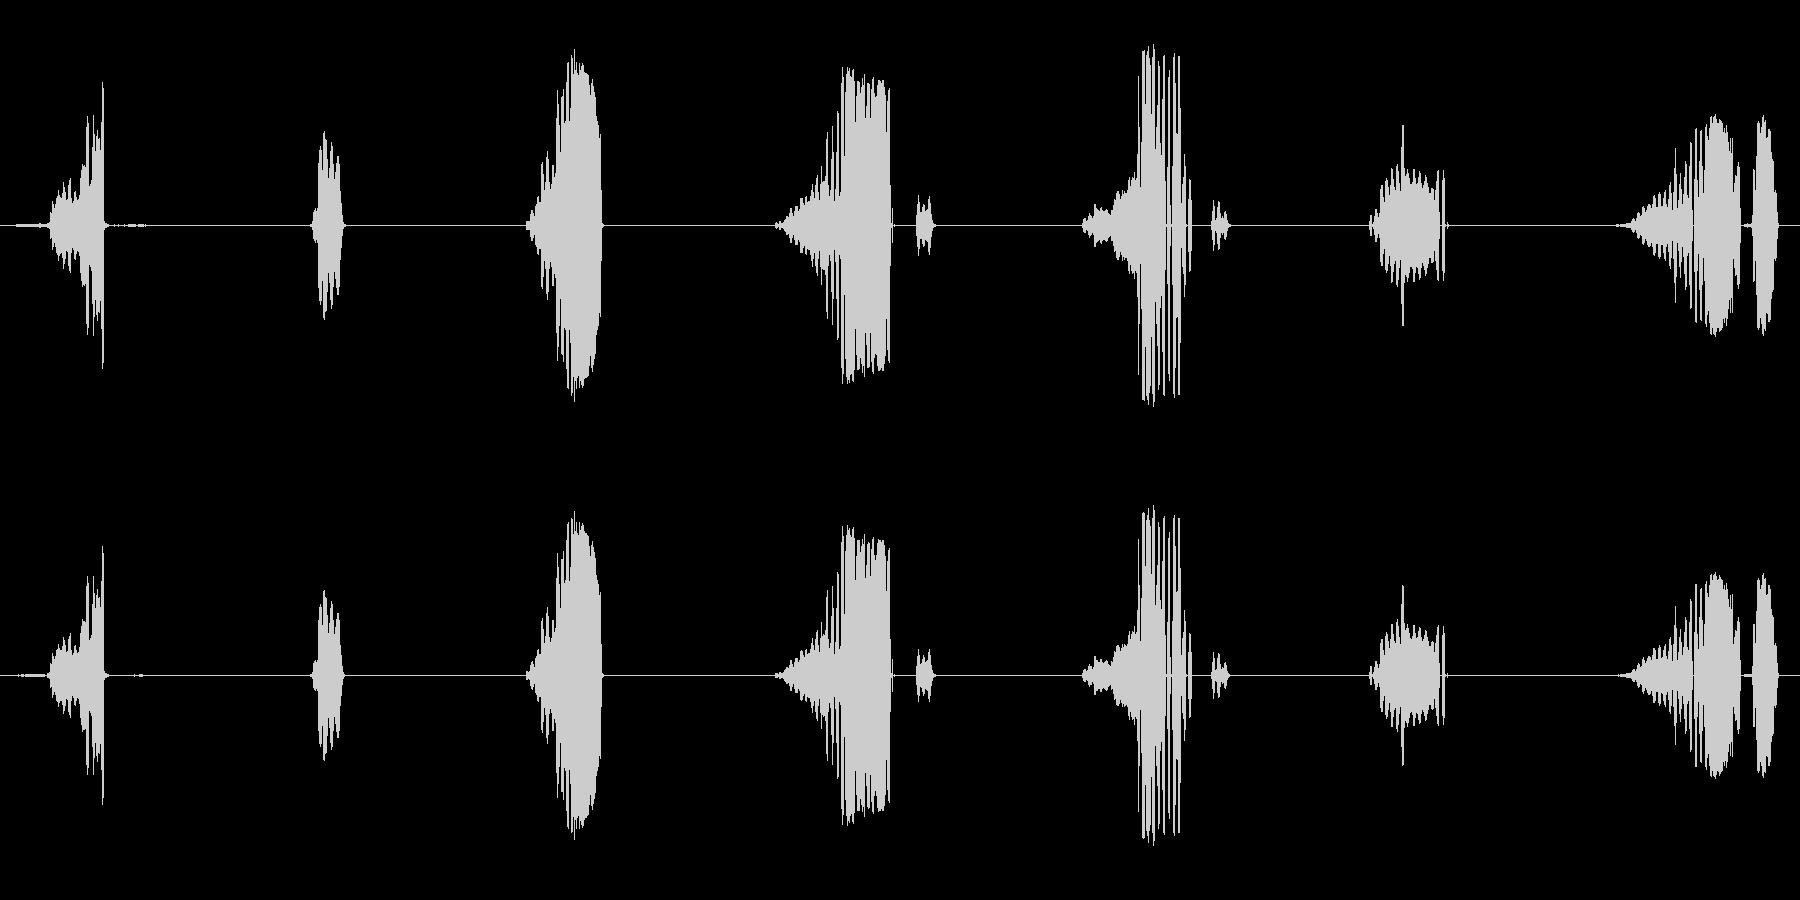 さまざまな金切り声の未再生の波形